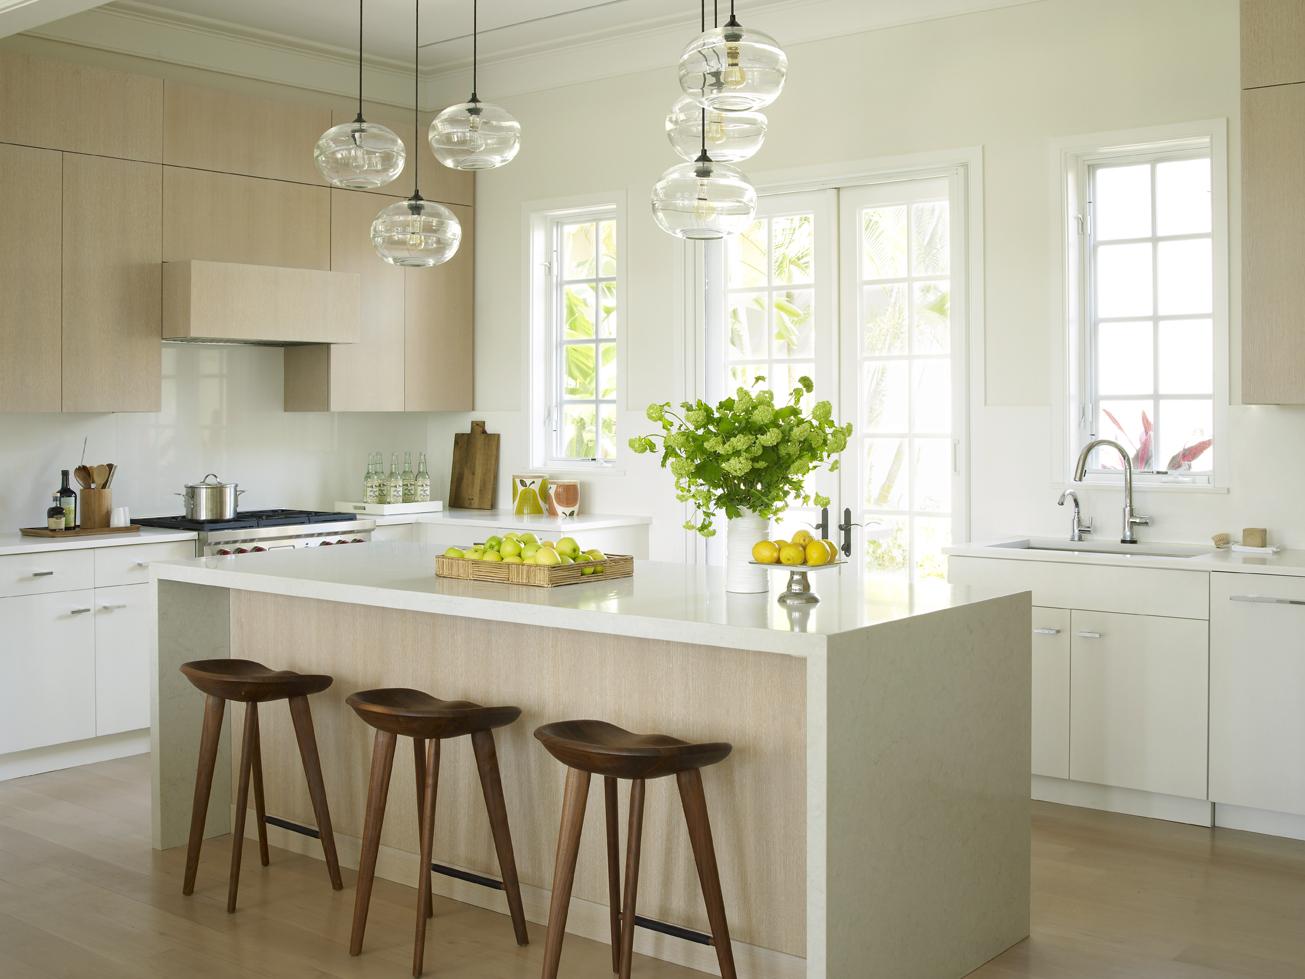 KitchenOverall-120627.jpg